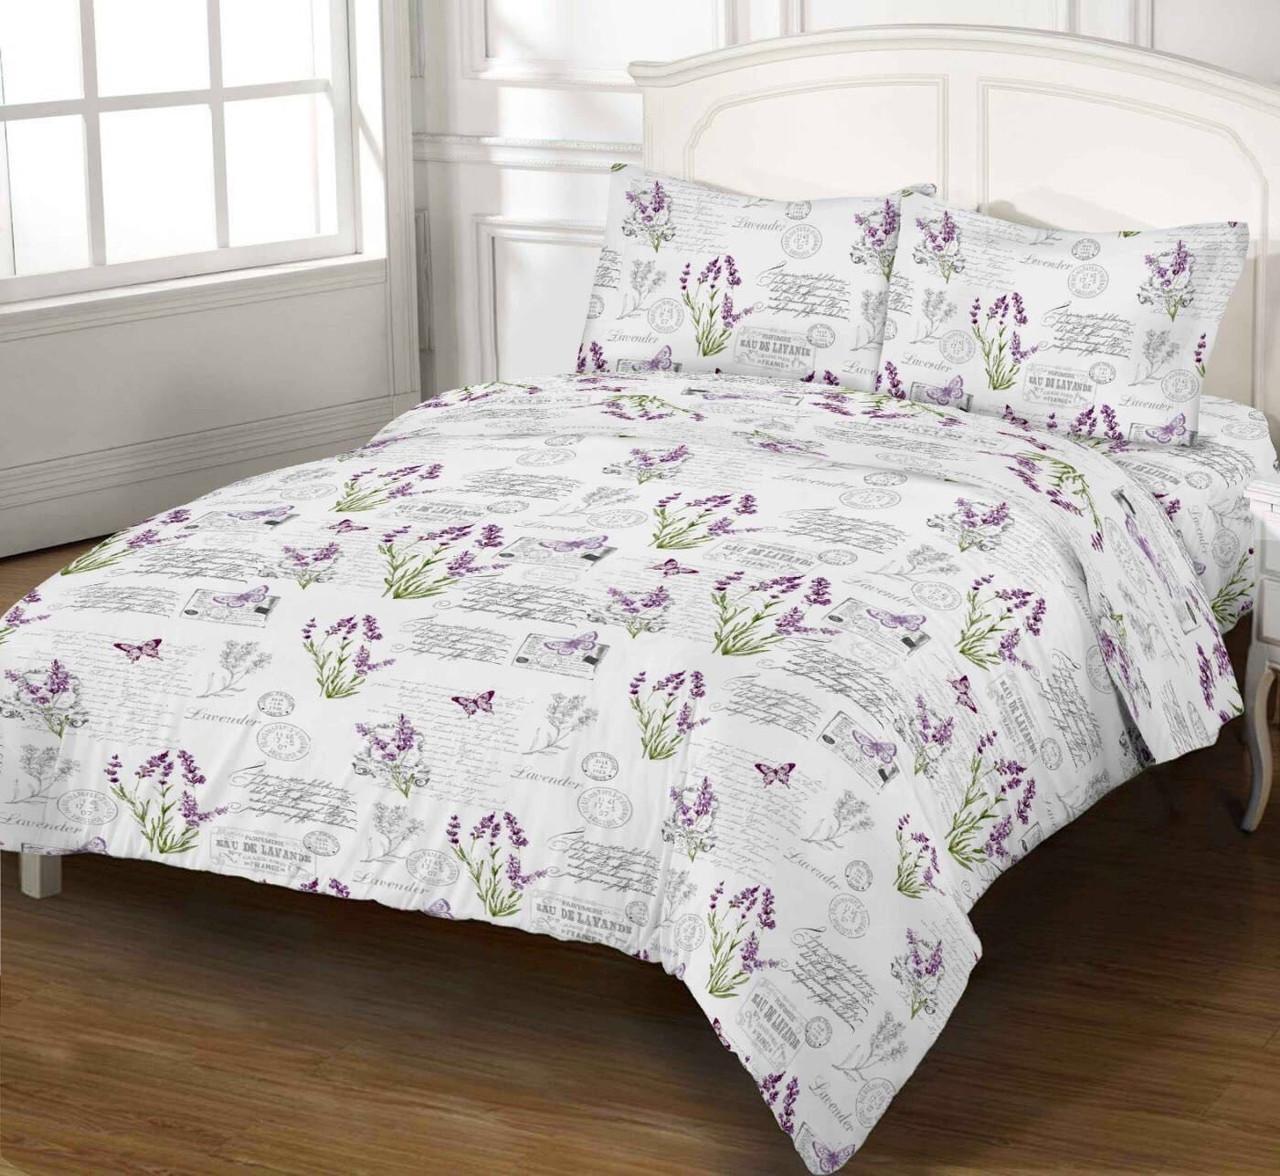 Комплект постельного белья DOTINEM Seni Бязь двуспальный 180х215 (8805-101)